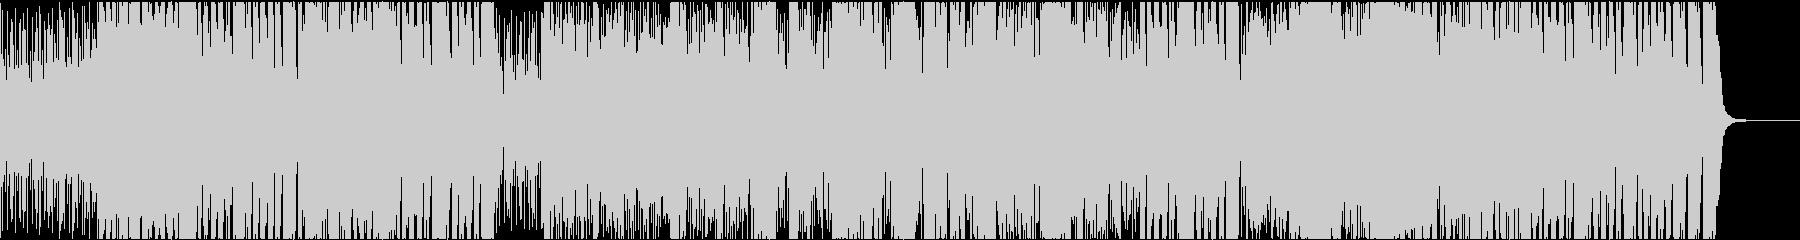 スピード感 躍動的生サックスジャズビートの未再生の波形